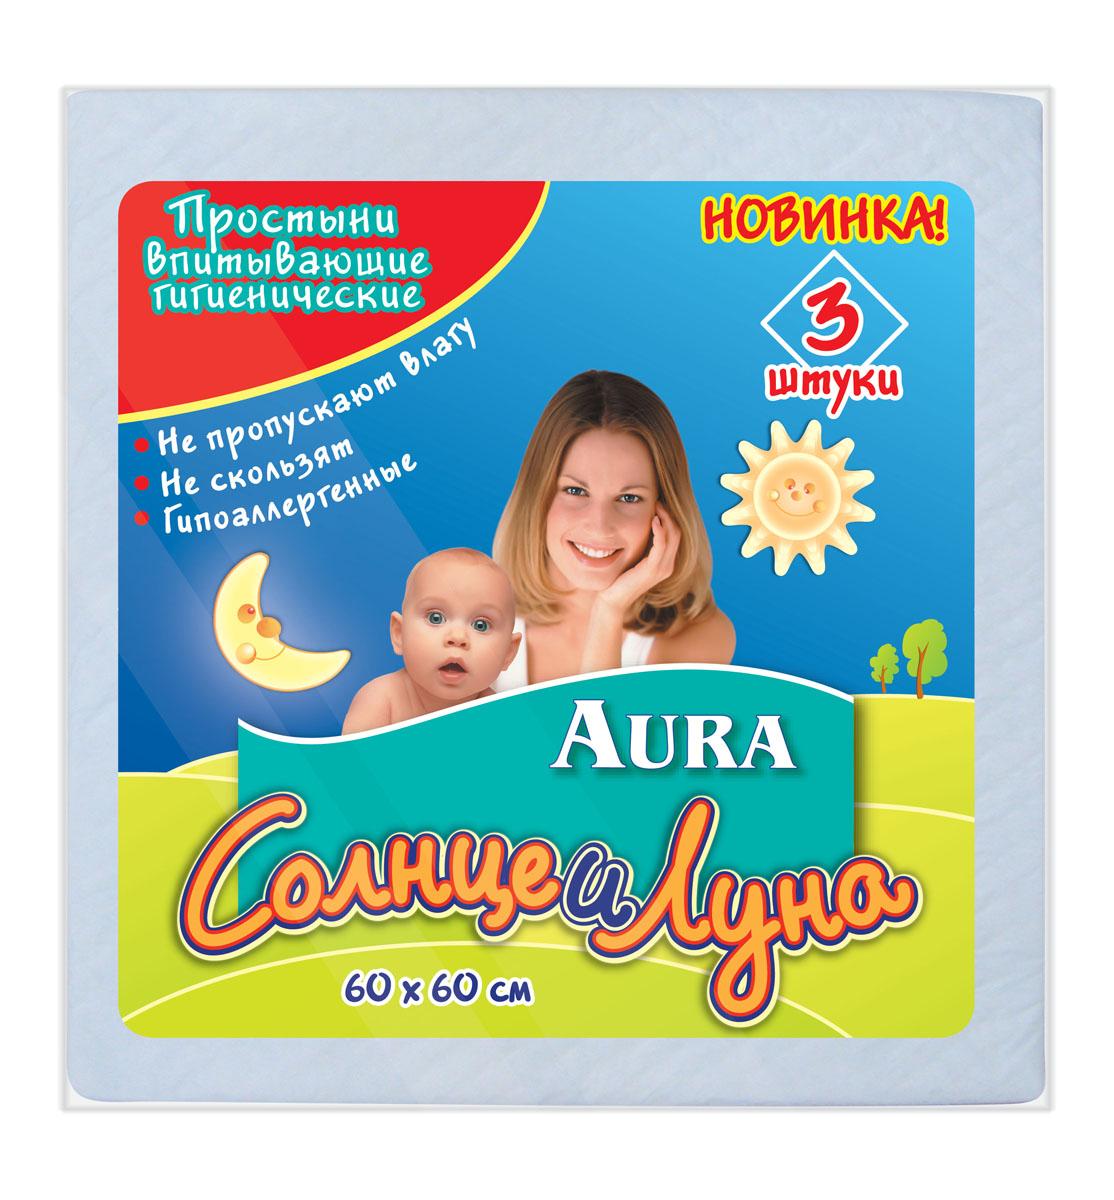 Простыни впитывающие гигиенические Aura Солнце и Луна, 60 см х 60 см, 3 штMP59.4DВпитывающие гигиенические простыни Aura Солнце и Луна предназначены для дополнительной защиты постельного белья при уходе за детьми. Поверхность из мягкого нетканого материала не раздражает кожу. Специальная пробивка и внутренний слой из распушенной целлюлозы обеспечивают быстрое впитывание и распределение влаги. Внутренний слой простыни представляет собой нескользящую защитную пленку, препятствующую протеканию. Края простыни надежно скреплены для лучшей защиты. Простыни удобны во время смены подгузника. В комплект входят 3 одноразовые простыни. Характеристики:Материал: распушенная целлюлоза, нетканный материал, полиэтилен, медицинская бумага. Размер простыни: 60 см x 60 см.